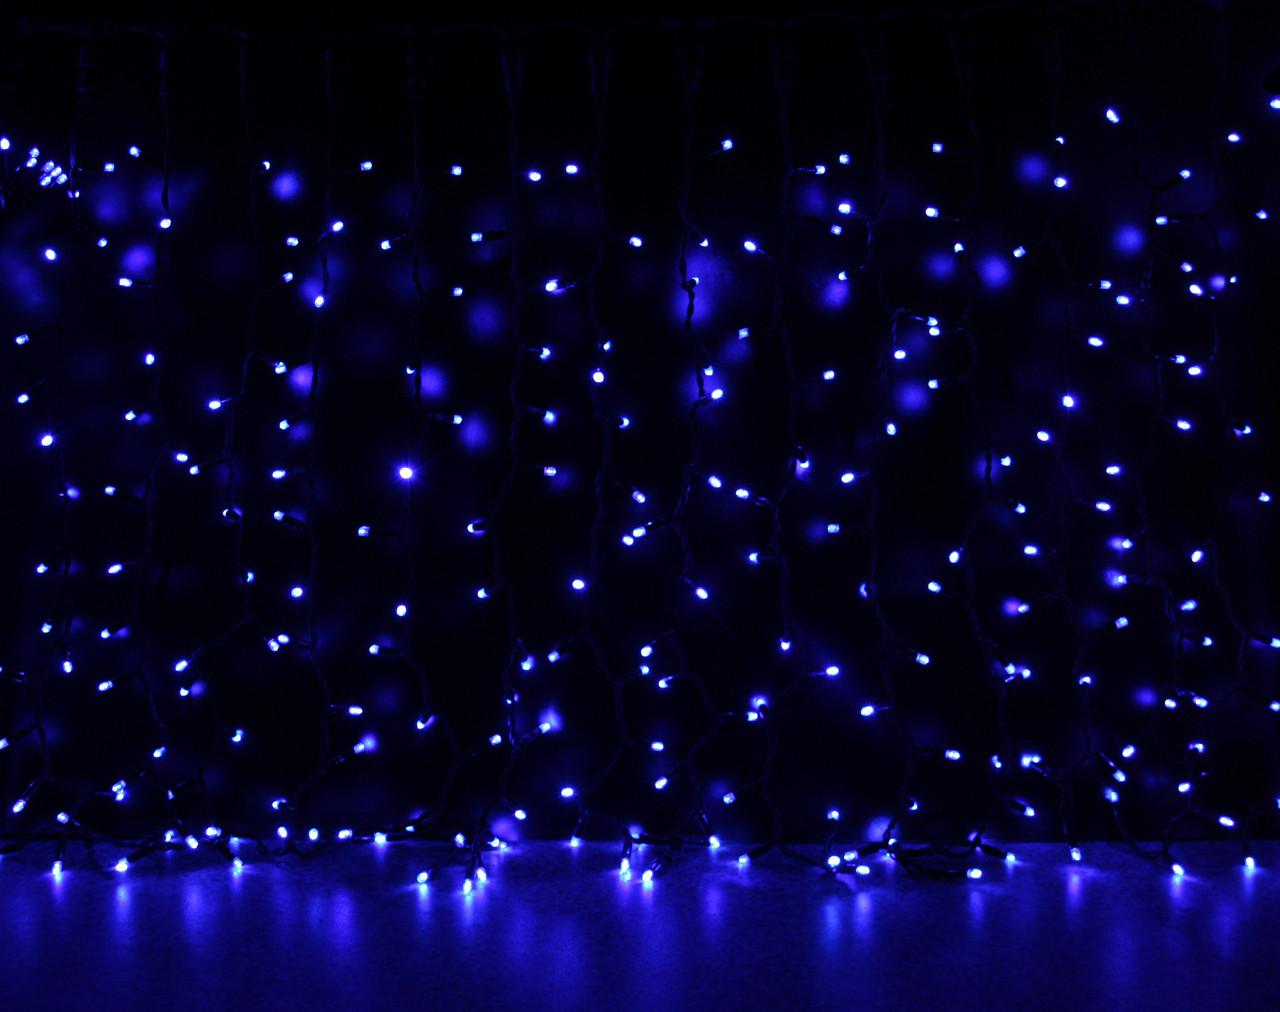 Уличная светодиодная гирлянда Штора Lumion Curtain (Куртейн) 288 led цвет синий без каб пит